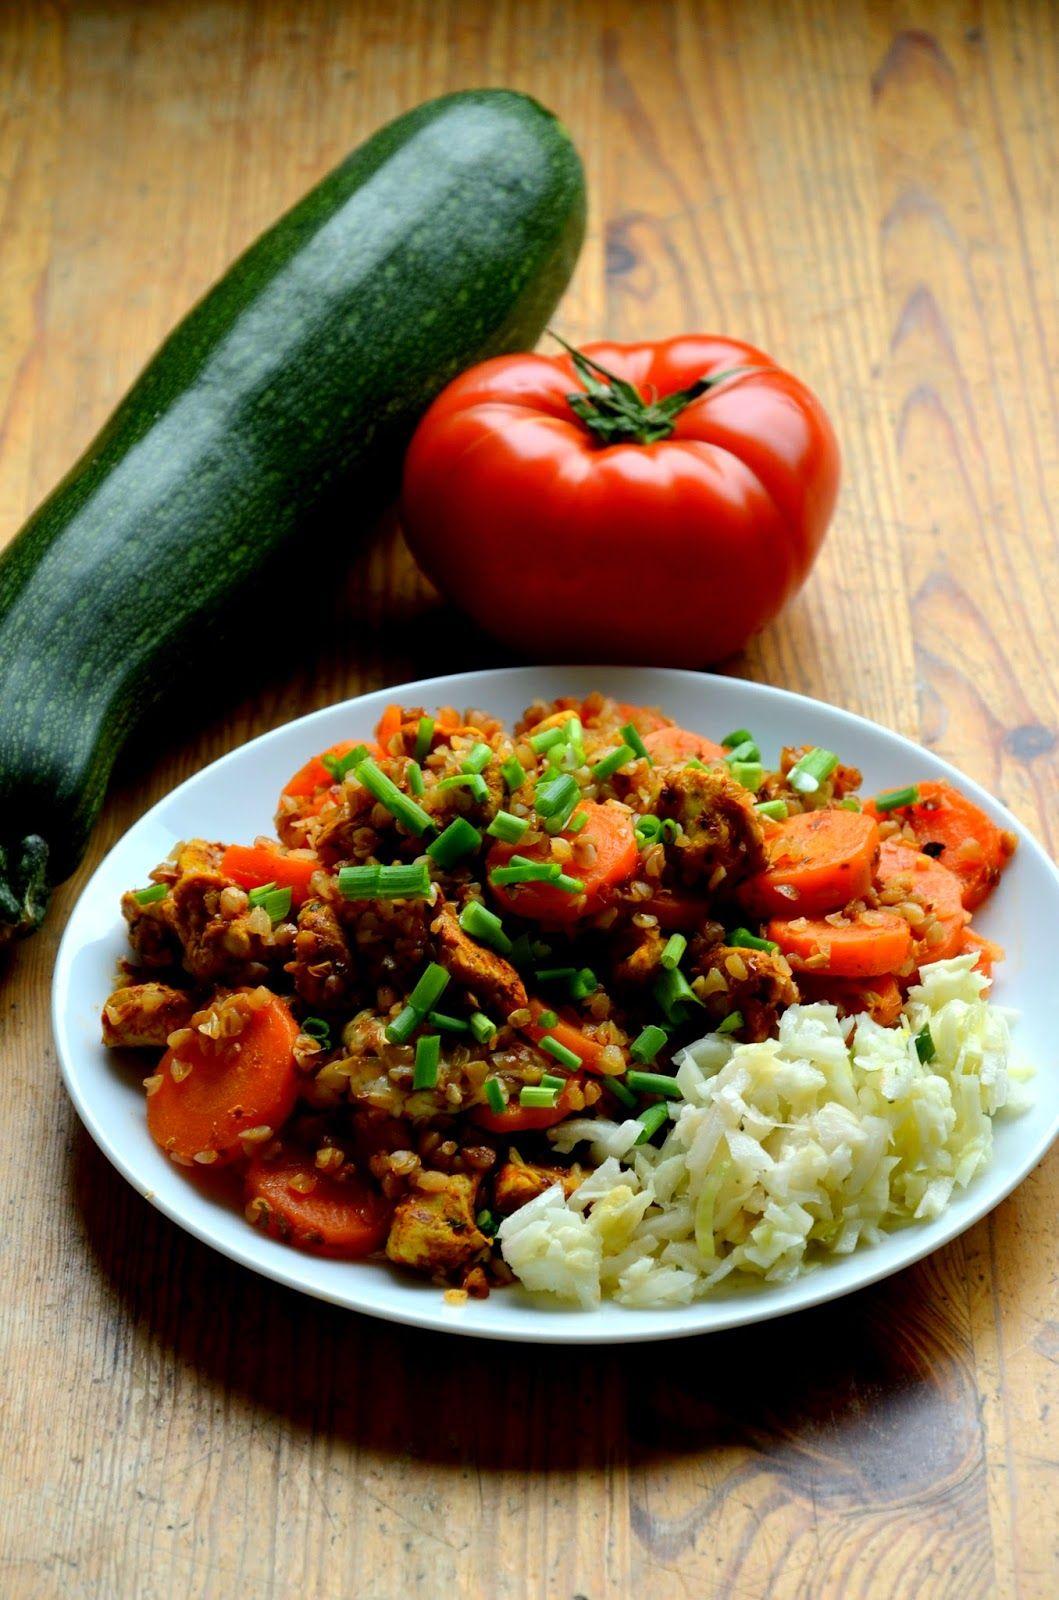 Zdrowy Obiad W Trybie Ekspresowym To Mozliwe Wyprobujcie Koniecznie Polaczenie Marchewki Z Kasza Gryczana I Kurczakiem Jest Pyszne Meals Food Dinner